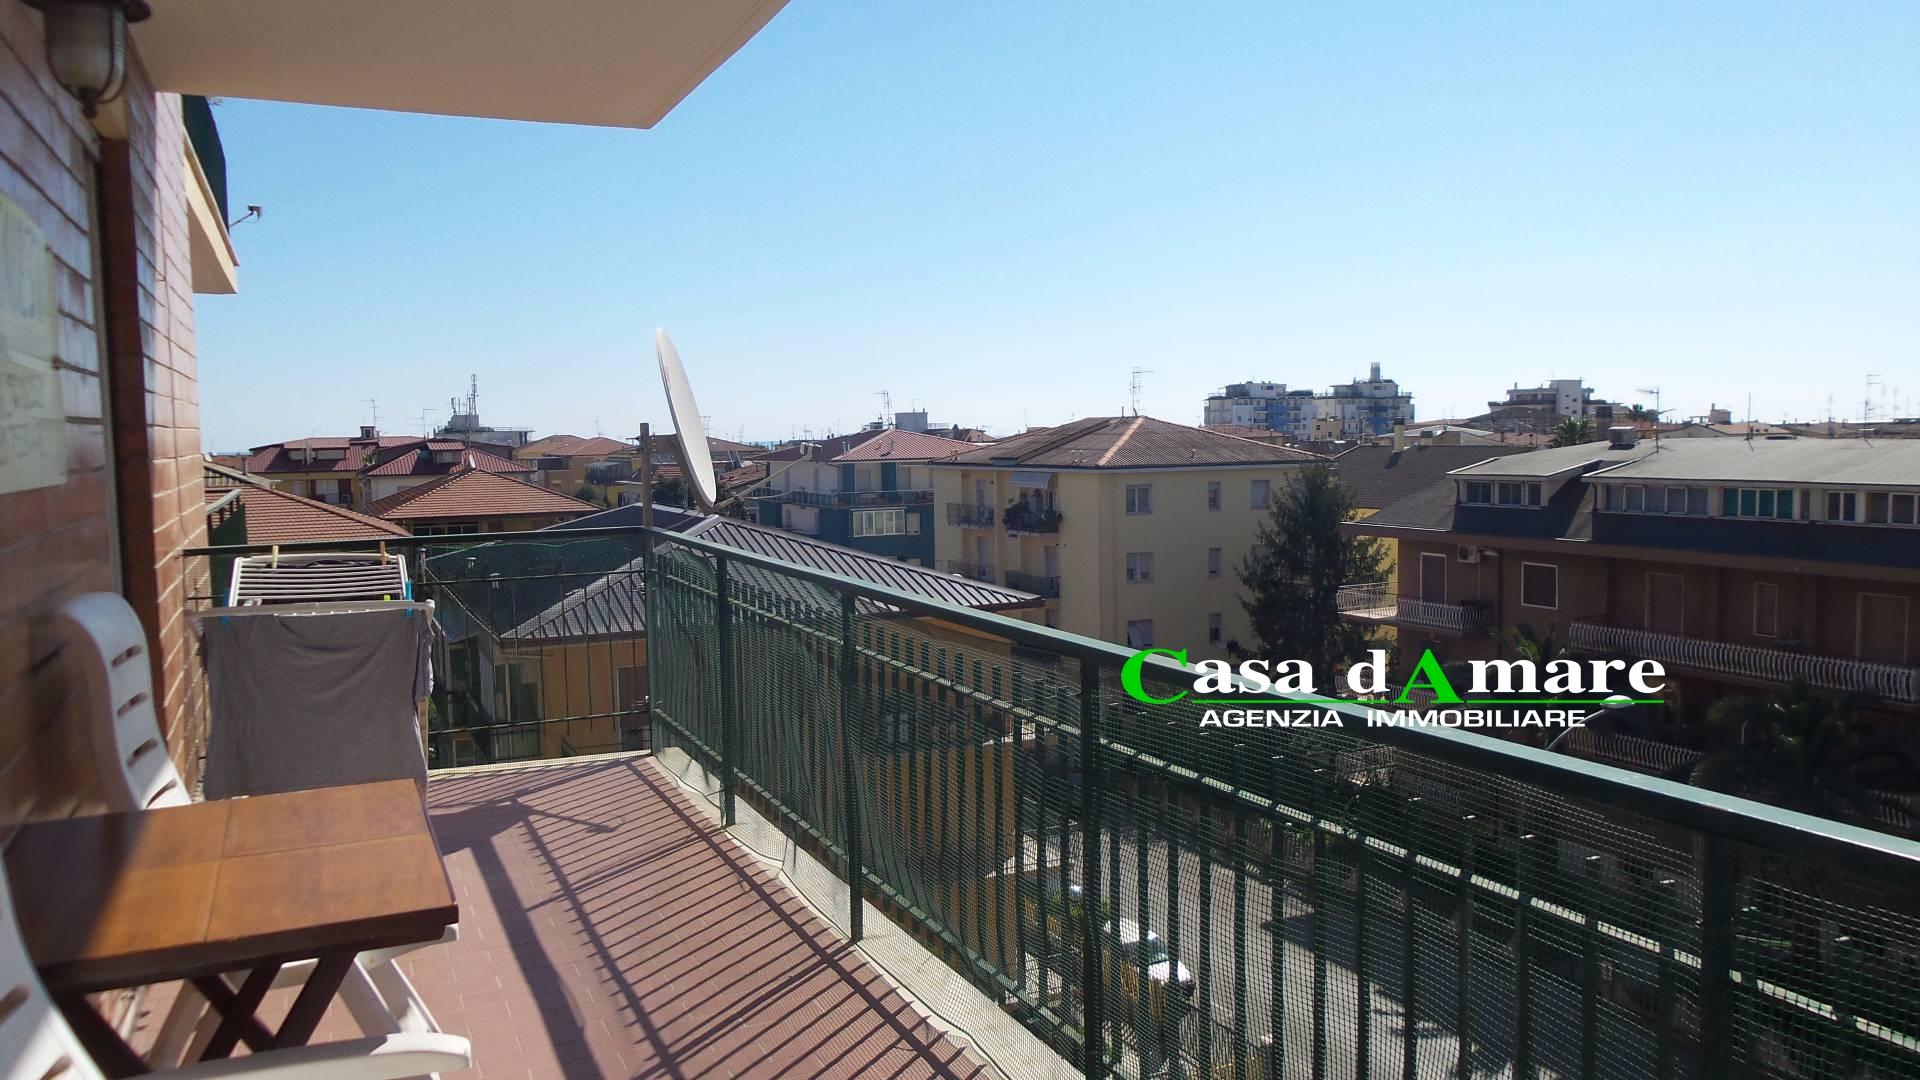 Appartamento in vendita a San Benedetto del Tronto, 4 locali, zona Località: PortodAscoli, prezzo € 200.000 | Cambio Casa.it